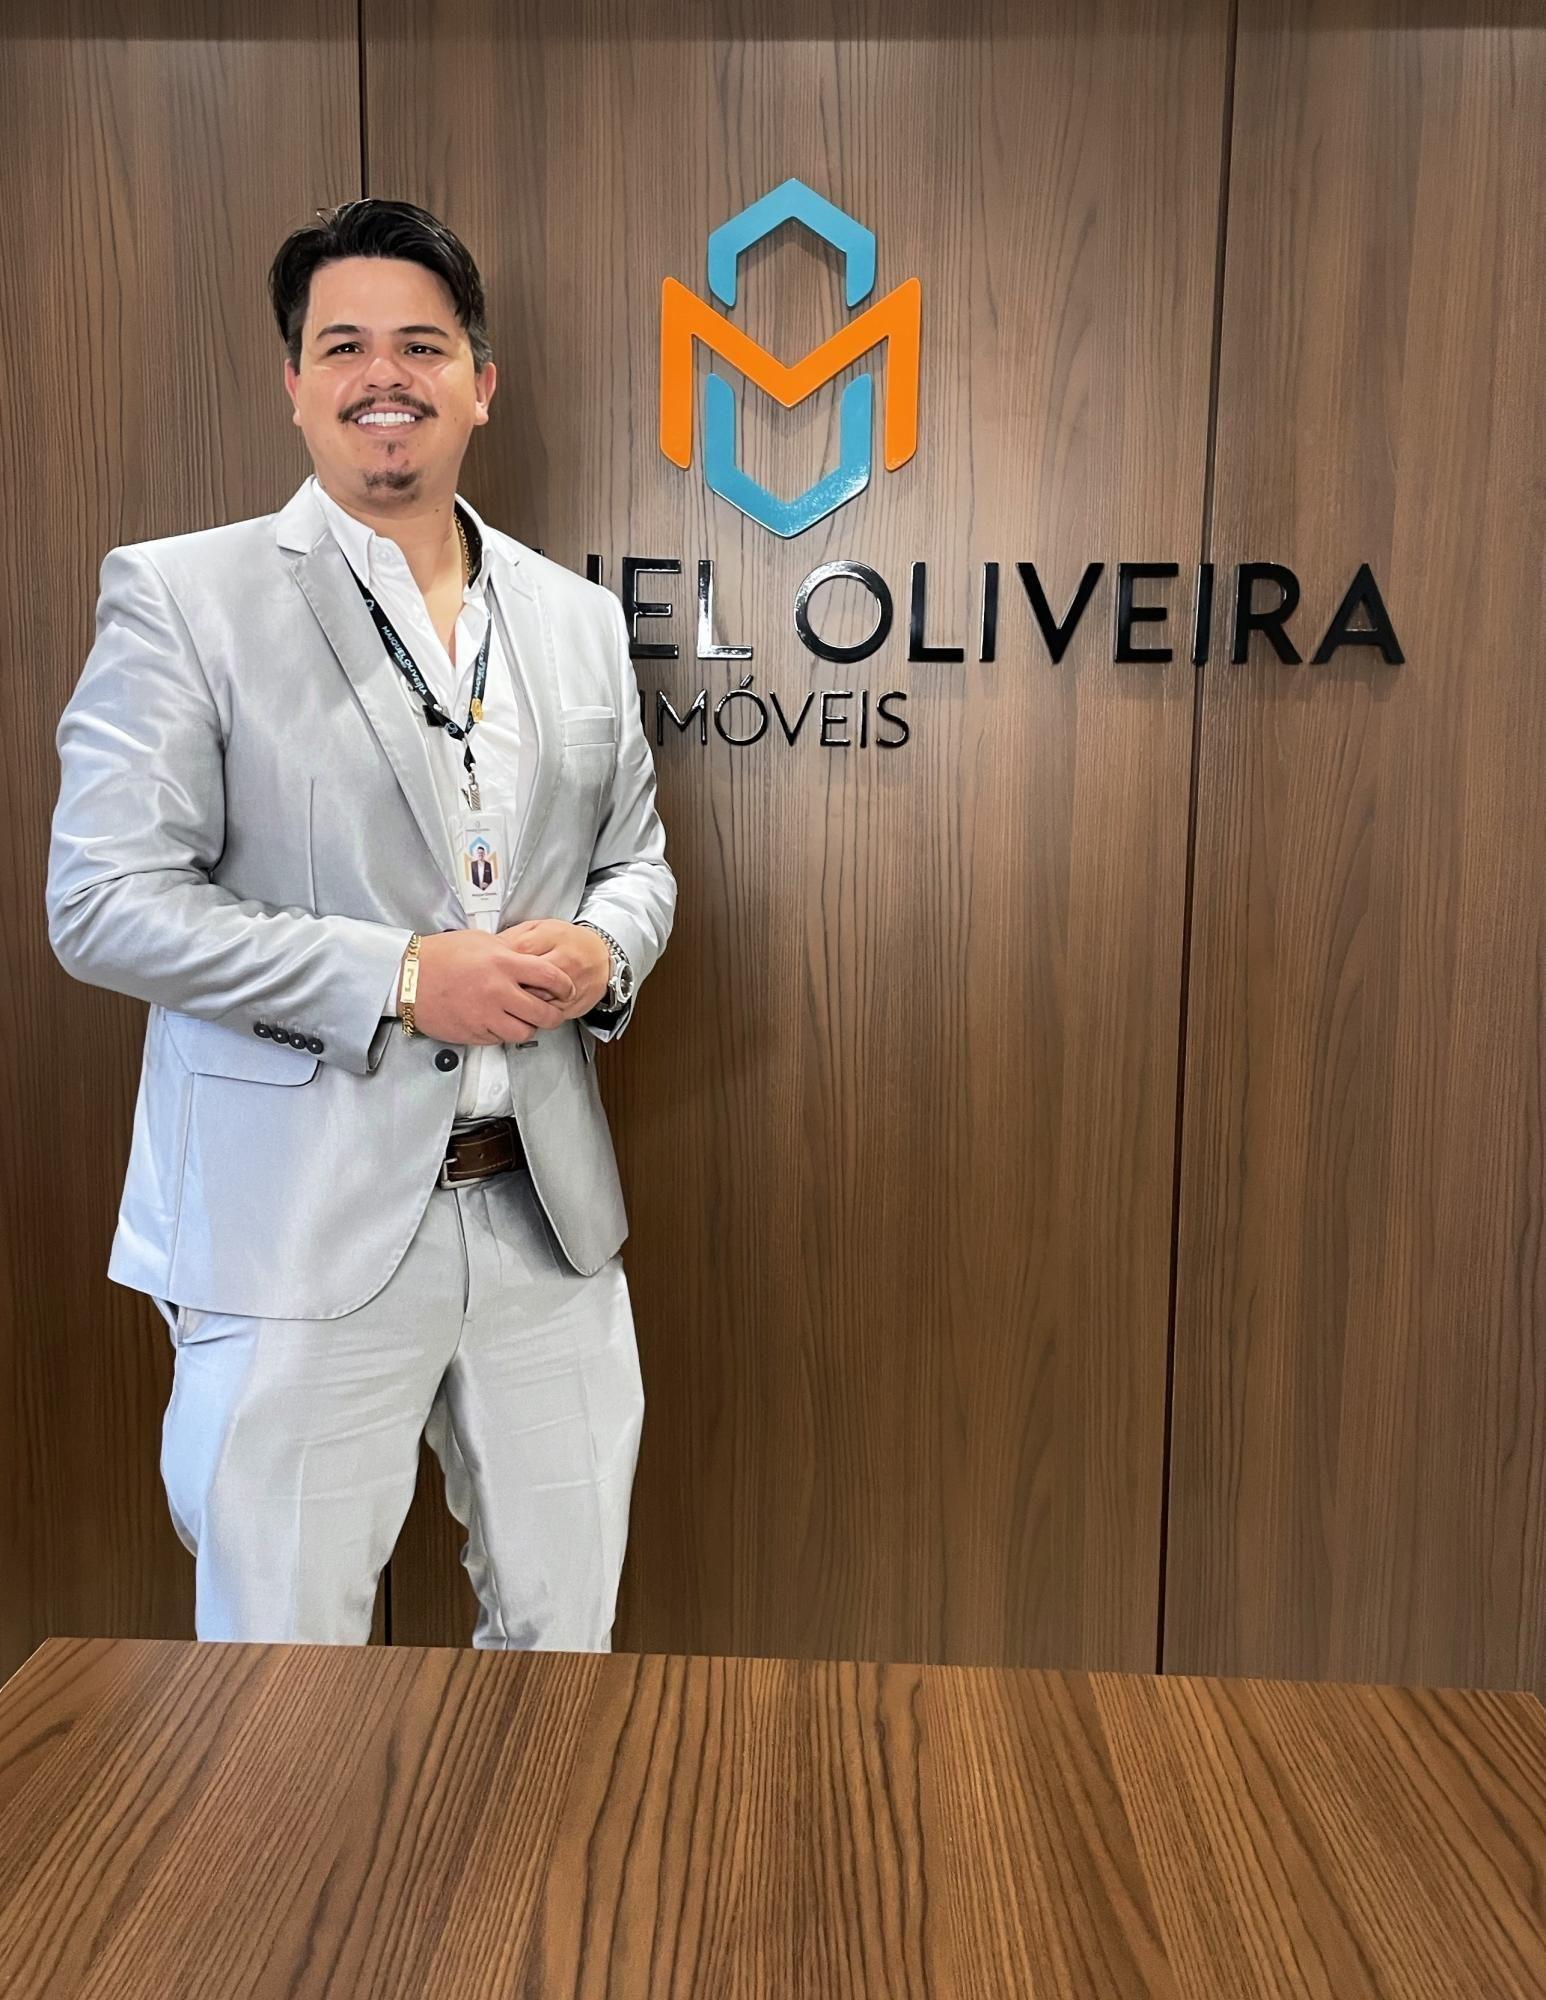 Maiquel Soares Oliveira